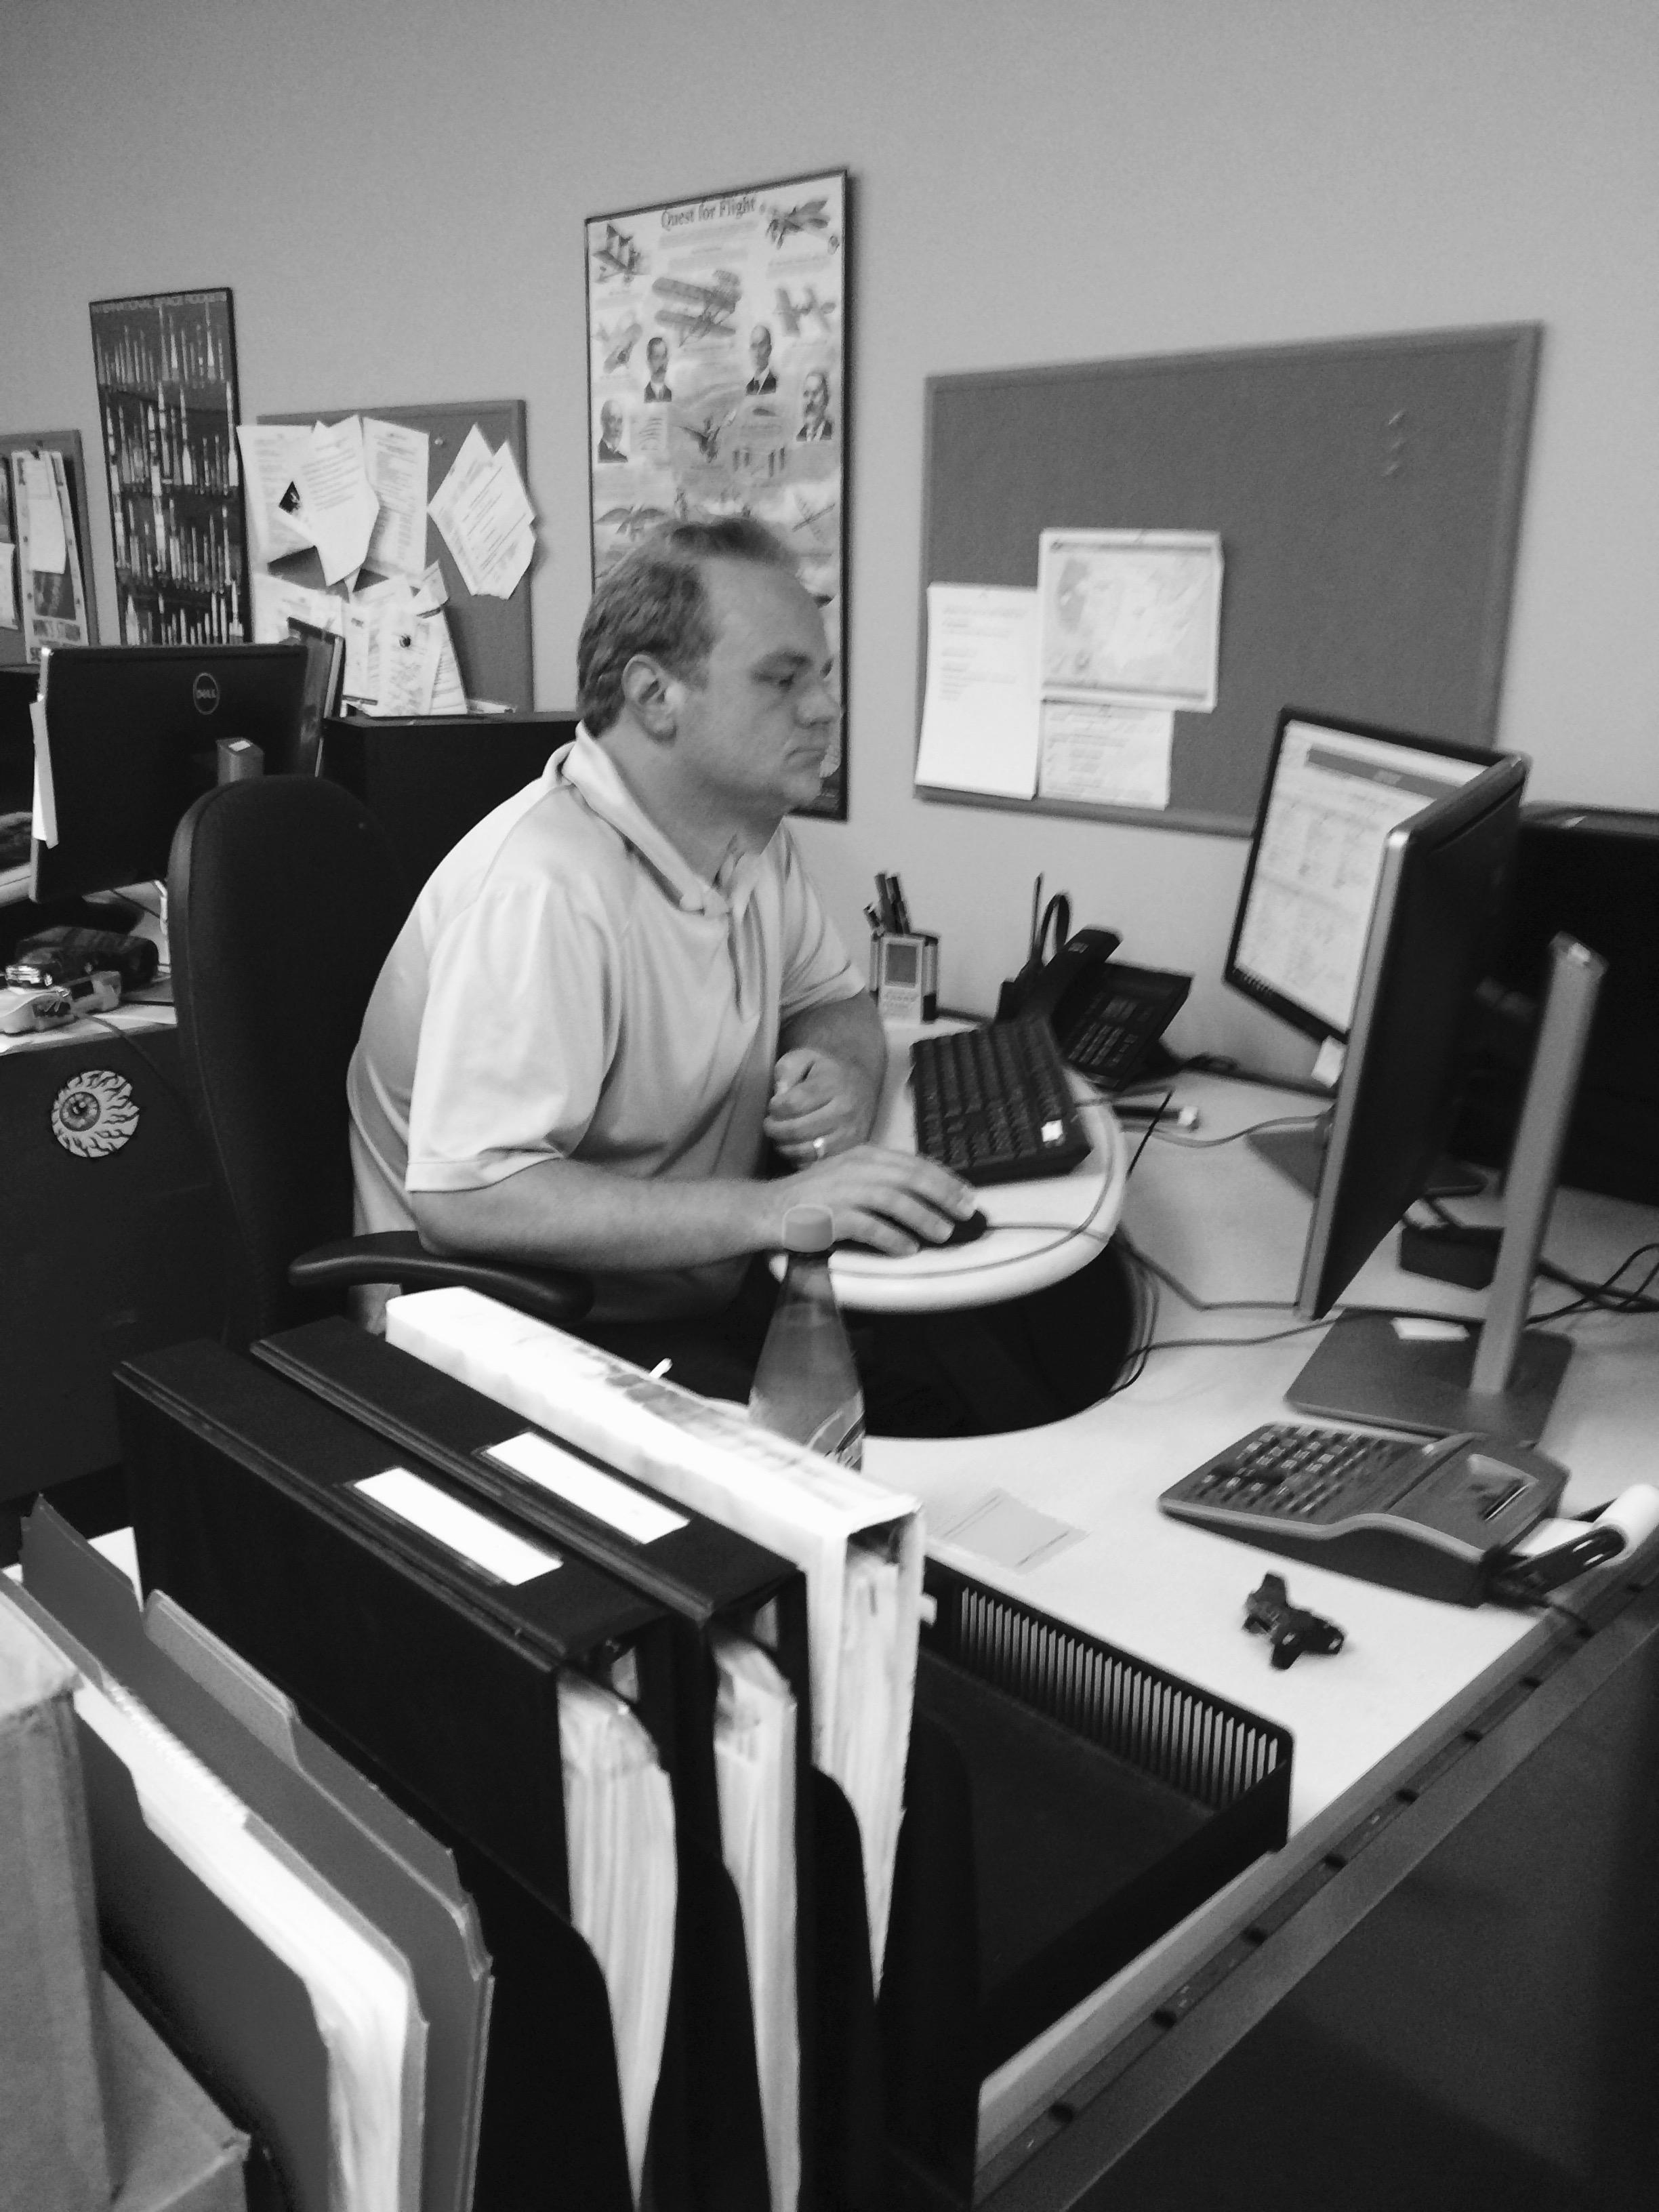 Tyler at Desk